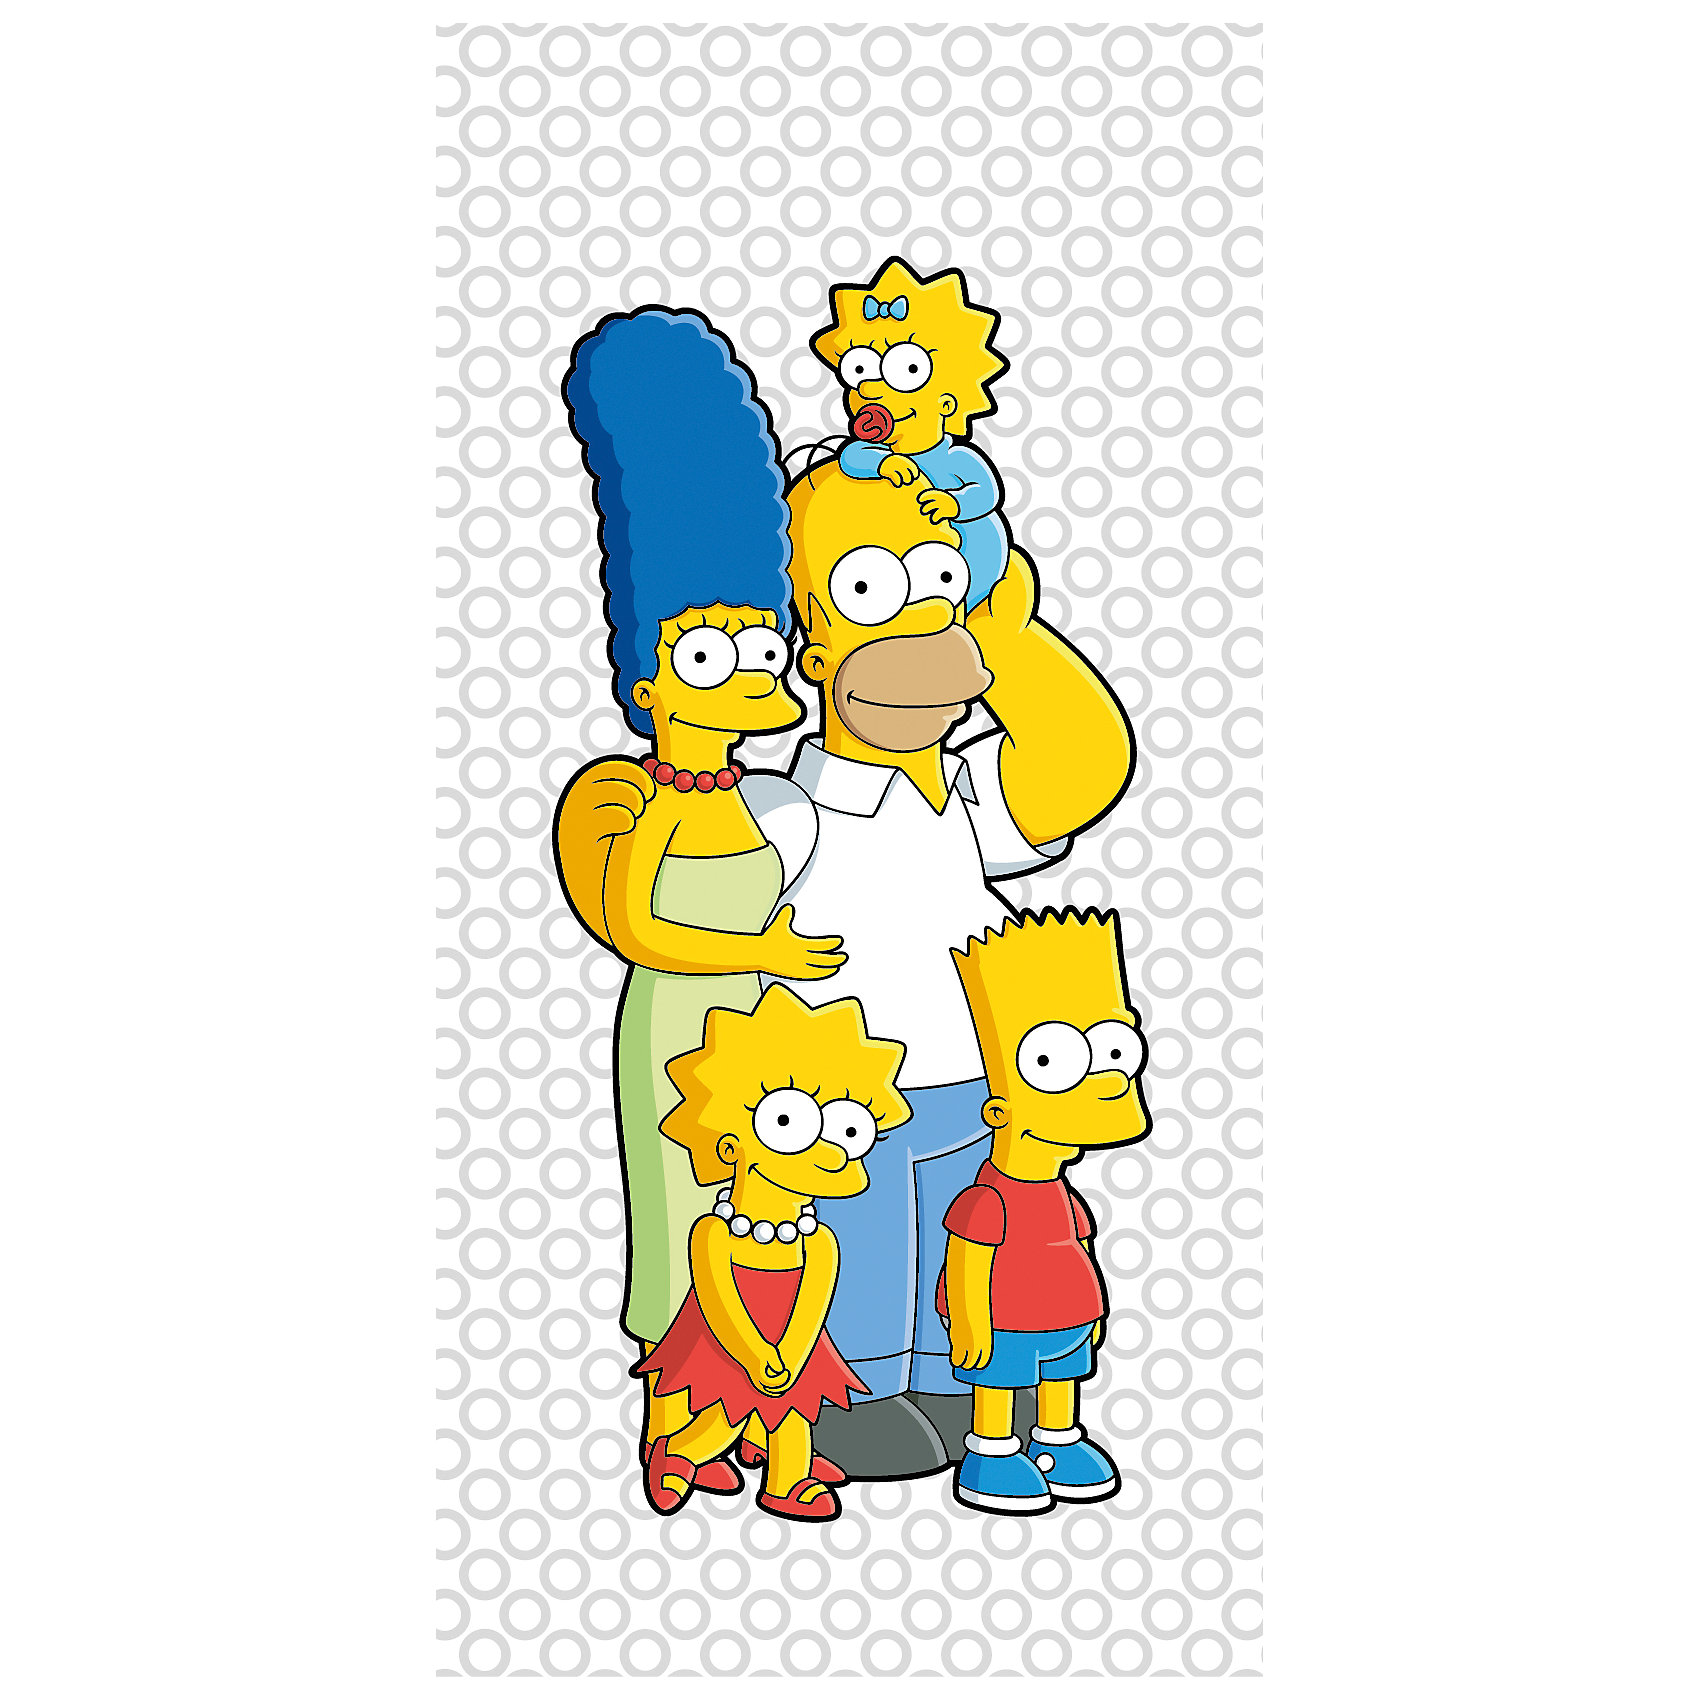 Полотенце Семейка Simpsons 70*140 см, СимпсоныМягкое, уютное полотенце прекрасно впитывает влагу и очень приятно к телу. Детям понравятся яркие изображения любимых персонажей. Полотенце выполнено из натурального хлопка, прекрасно сохраняет цвет и свойства после многократных стирок, остается таким же ярким, мягким и пушистым. <br><br>Дополнительная информация:<br><br>- Размер: 70х140 см.<br>- Материал: 100% хлопок. <br><br>Полотенце Семейка Simpsons 70х140 см, Симпсоны, можно купить в нашем магазине.<br><br>Ширина мм: 600<br>Глубина мм: 250<br>Высота мм: 10<br>Вес г: 350<br>Возраст от месяцев: 60<br>Возраст до месяцев: 180<br>Пол: Унисекс<br>Возраст: Детский<br>SKU: 4337514